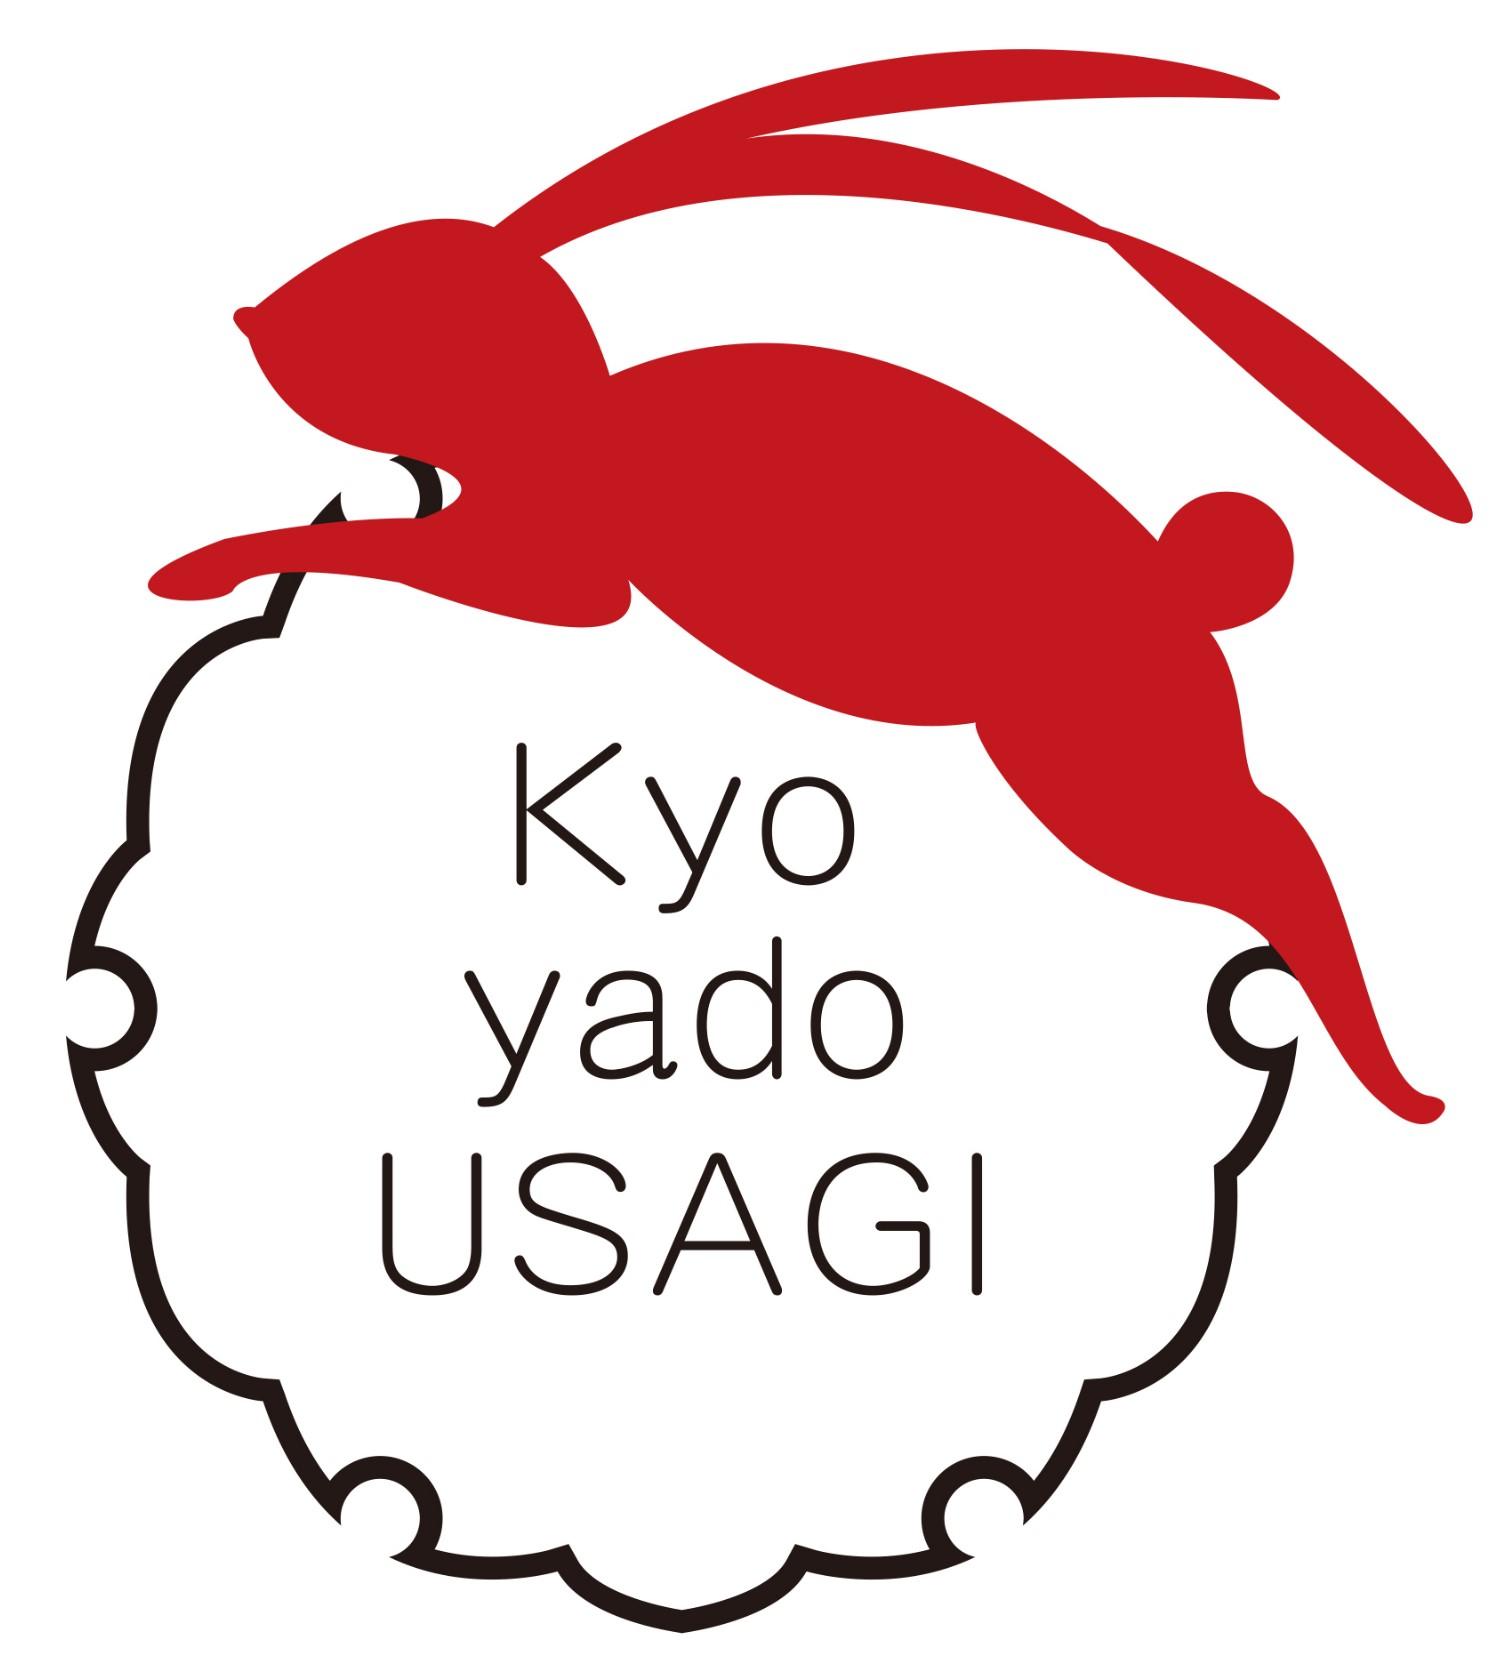 https://www.usagi-yado.com/blog/assets_c/%E3%81%86%E3%81%95%E3%81%8E%E7%99%BD%E3%83%AD%E3%82%B4.jpg